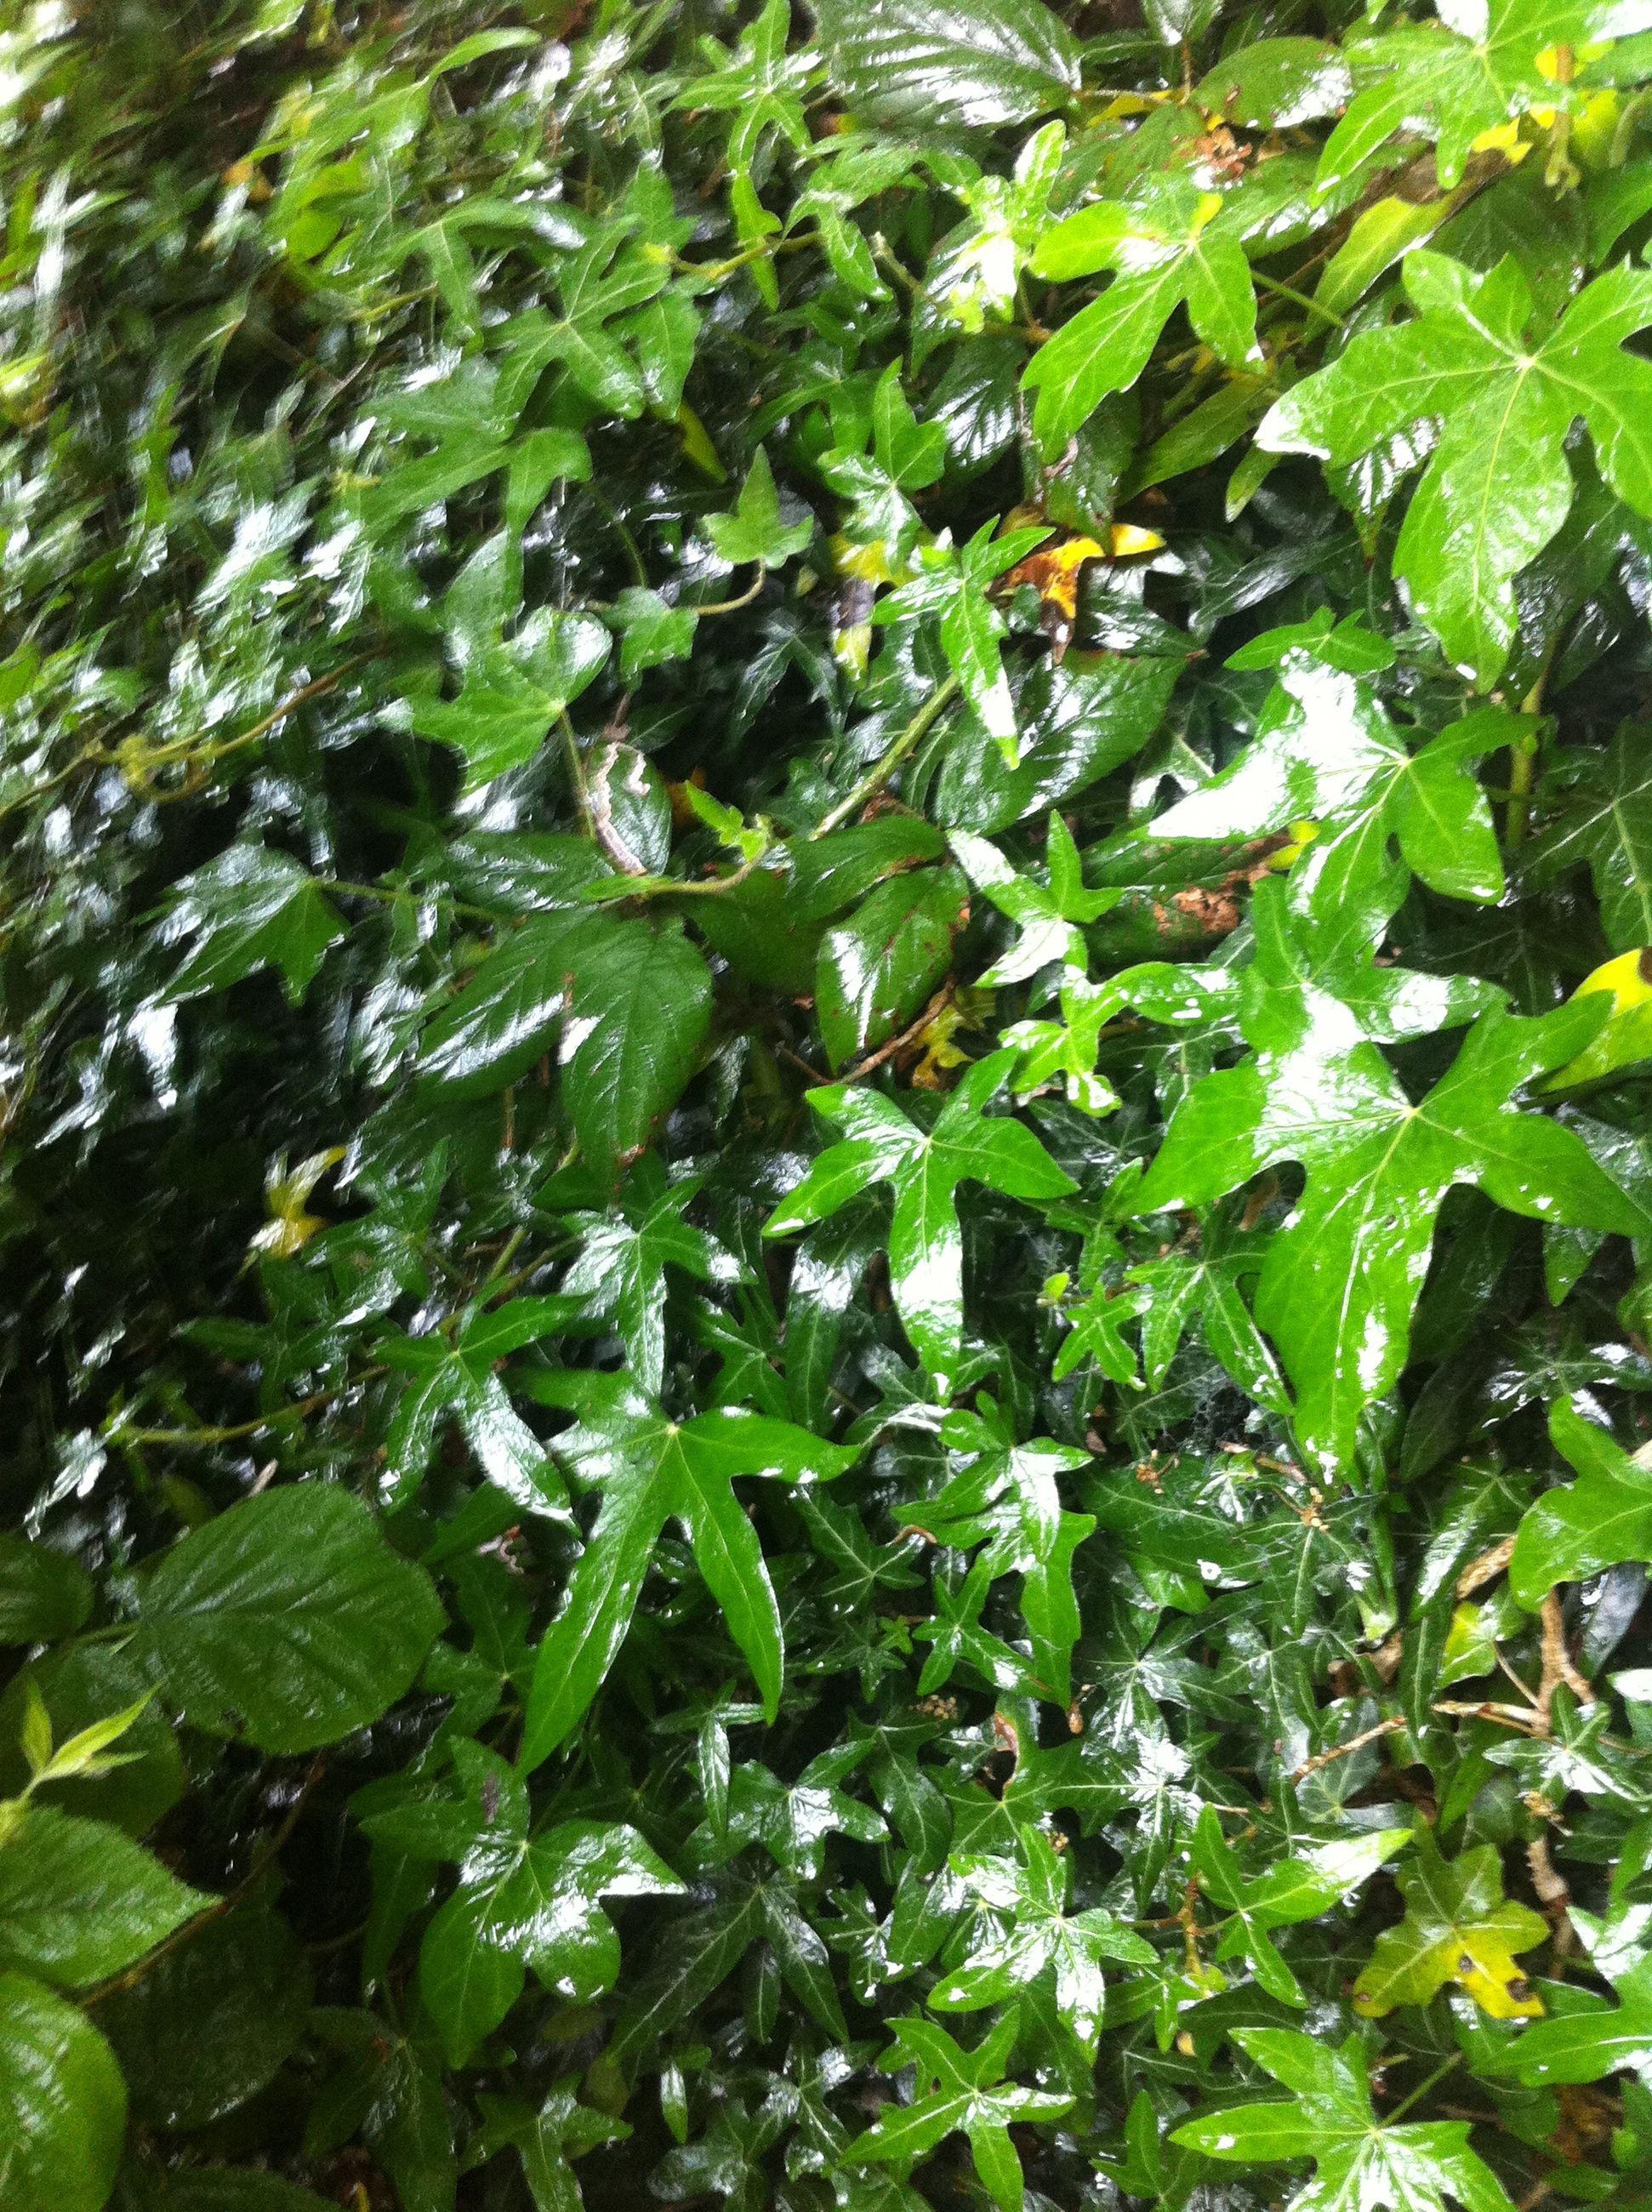 Full frame shot of wet plants during monsoon